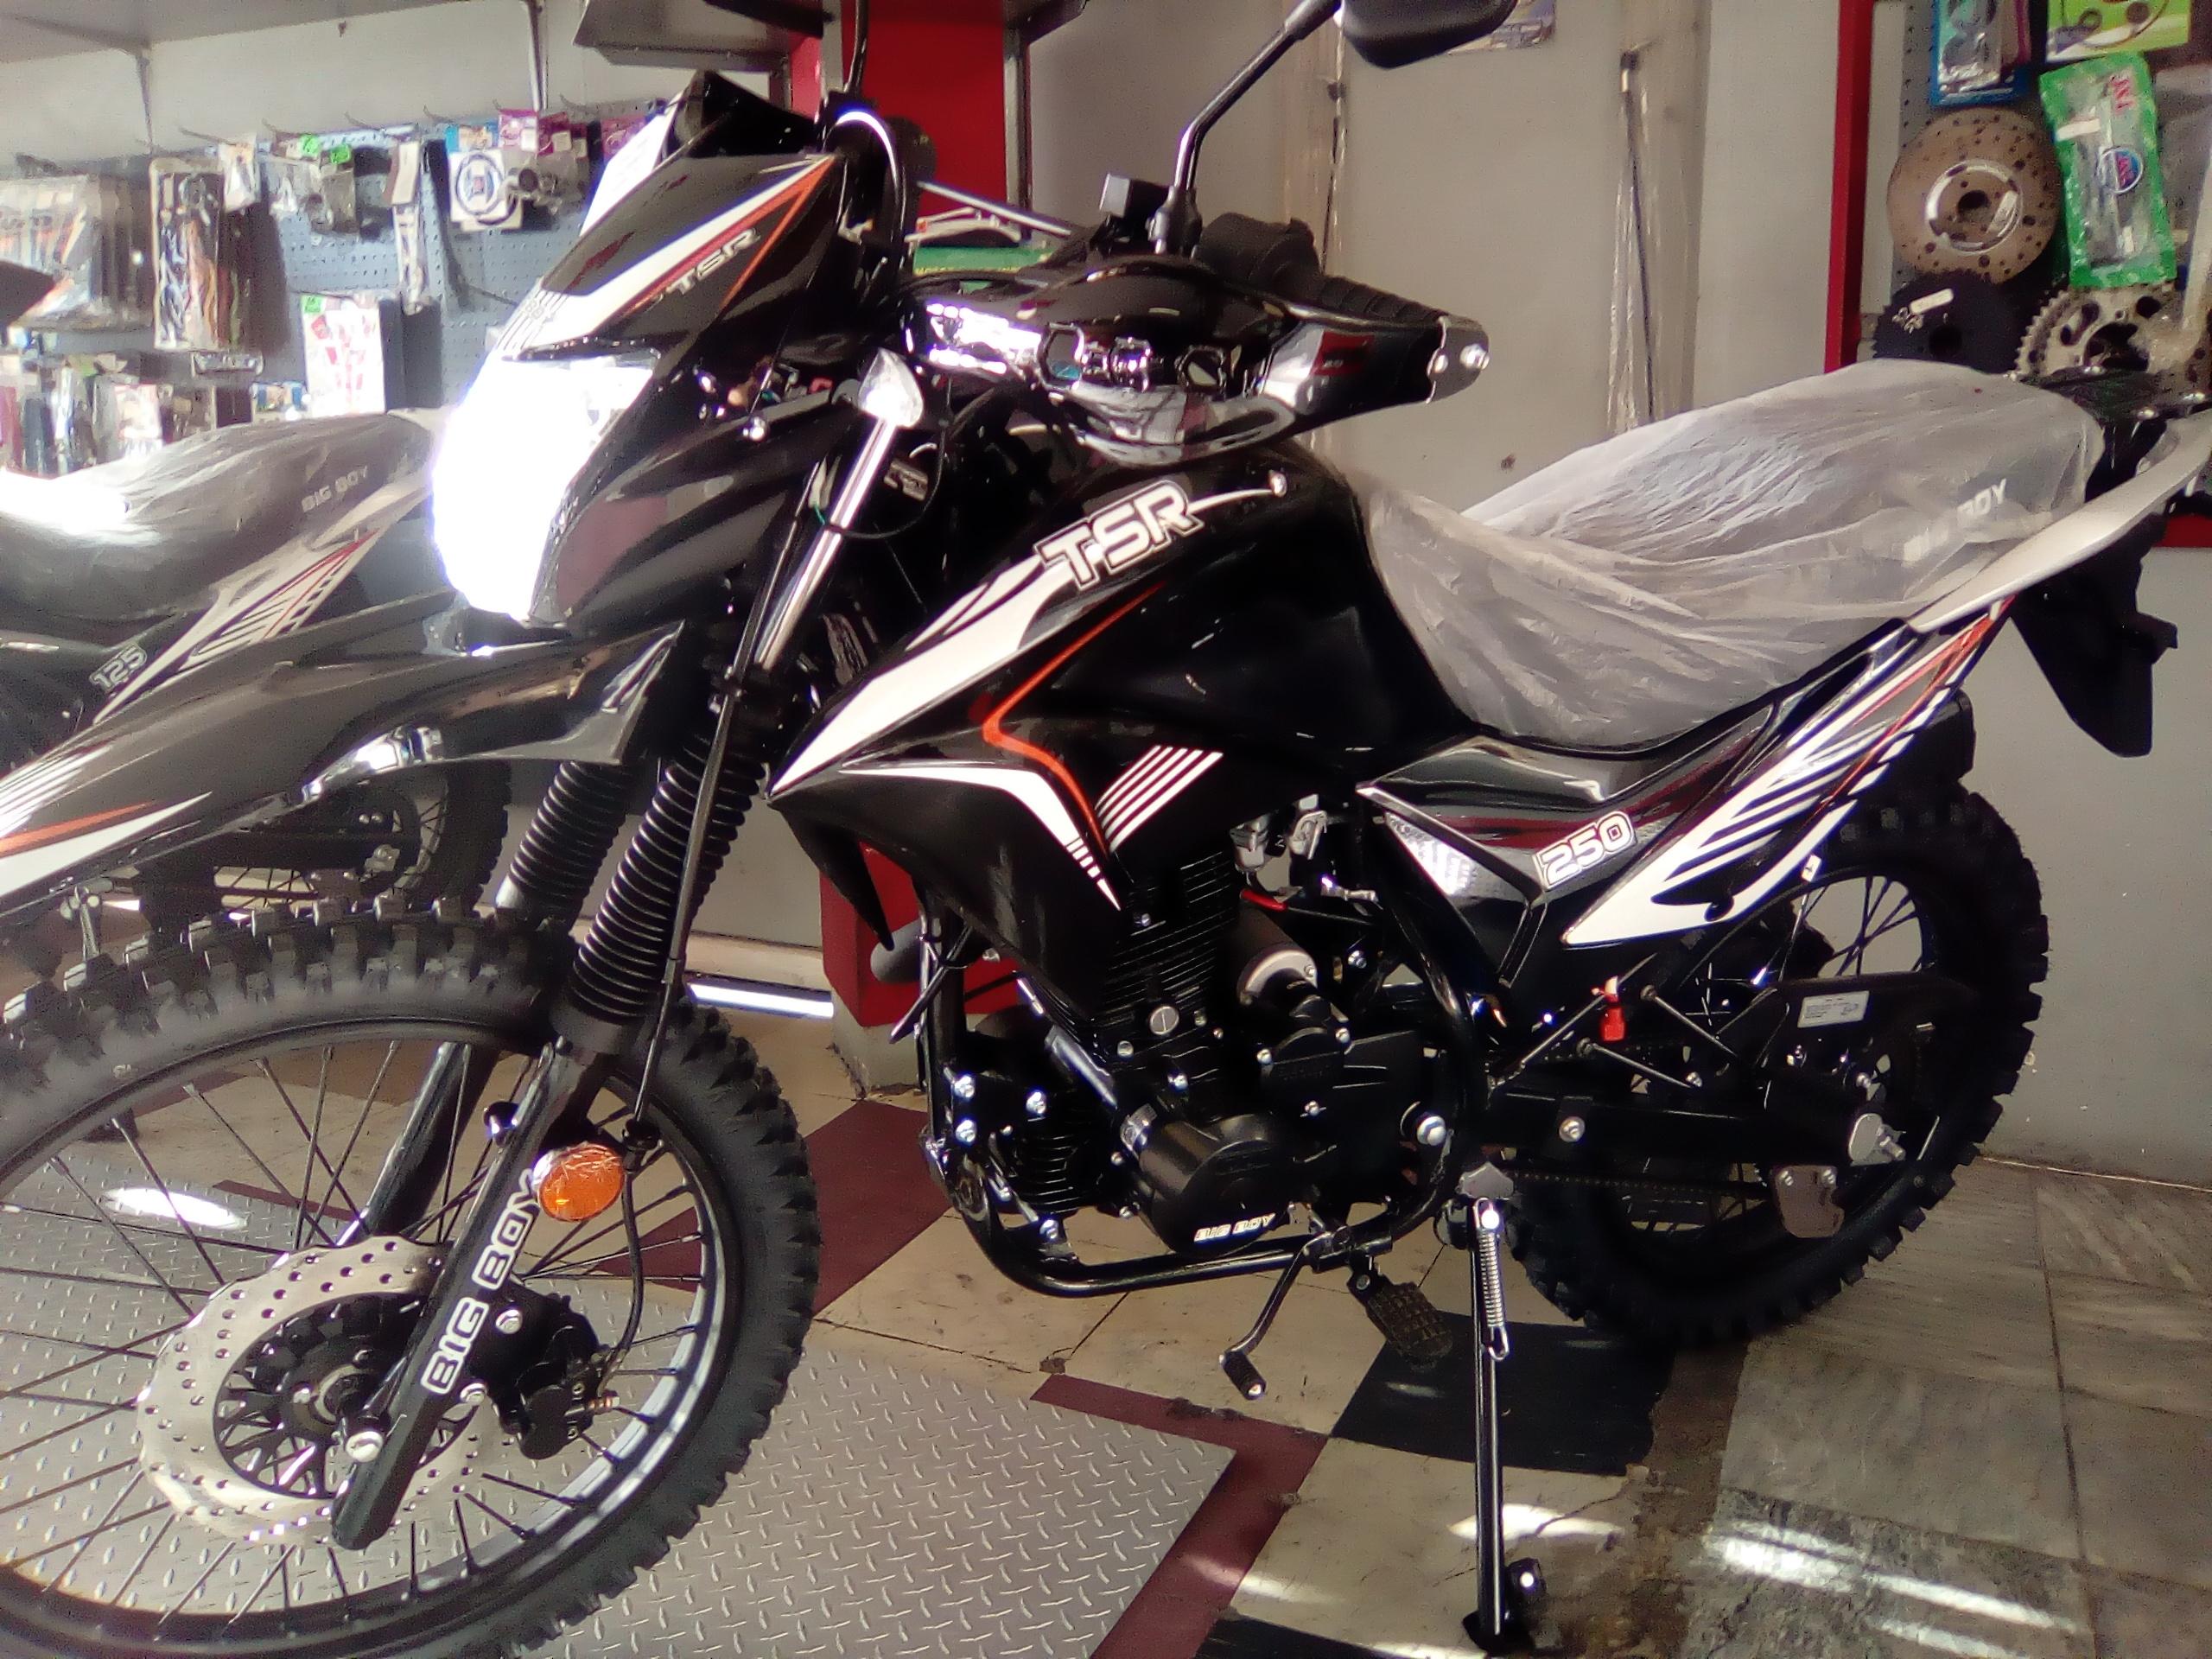 -big-boy-tsr-2502--r2699900